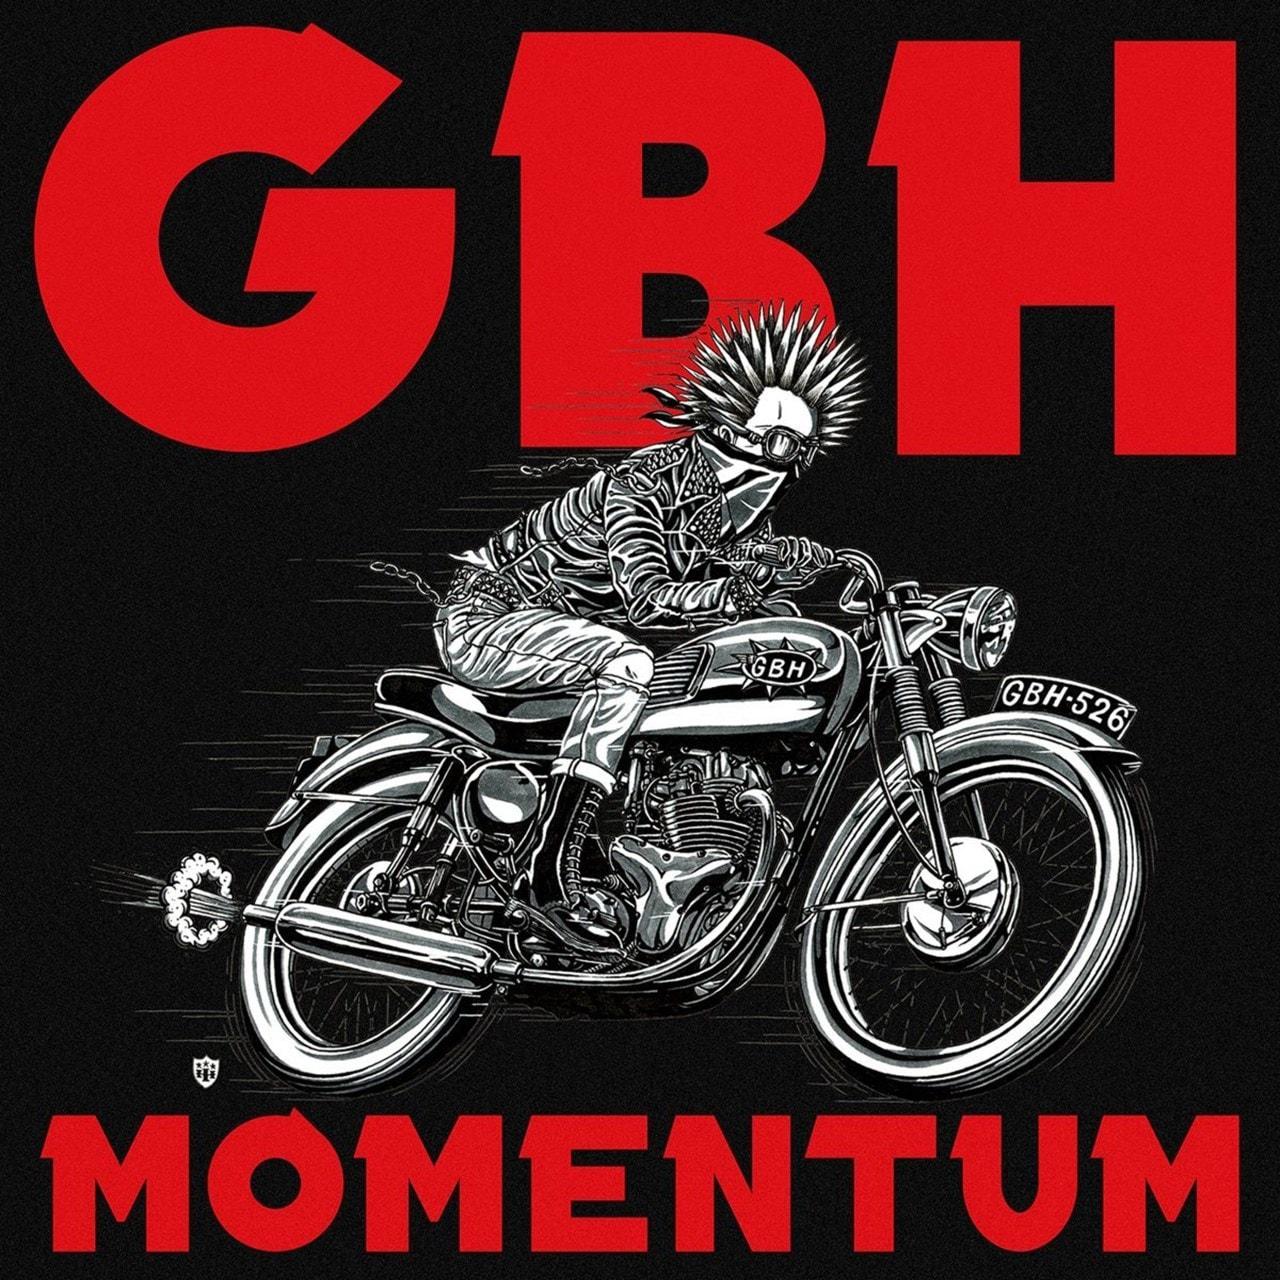 Momentum - 1